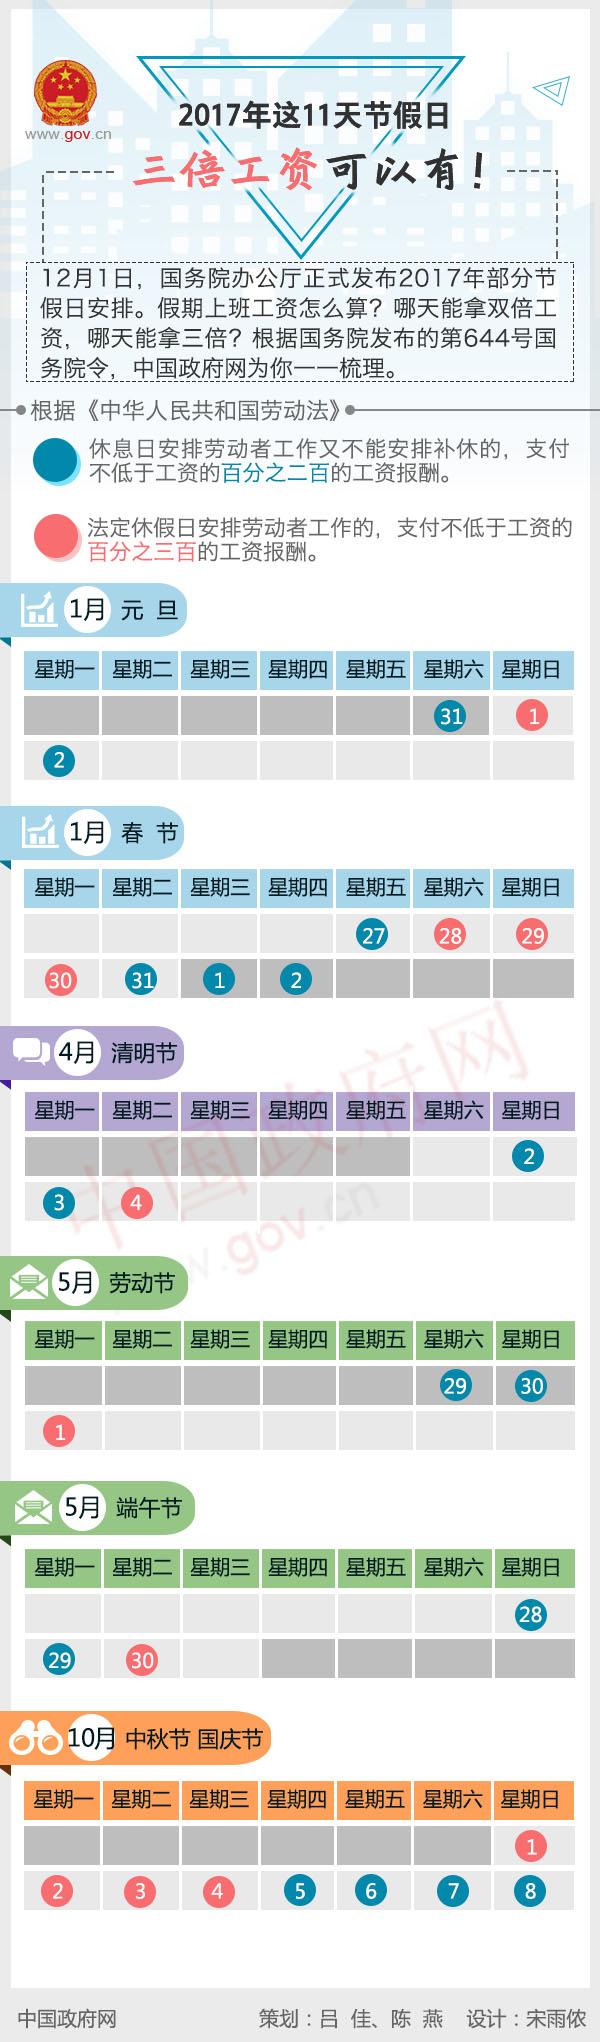 图解:2017年这11天节假日 三倍工资可以有!中国政府网制作